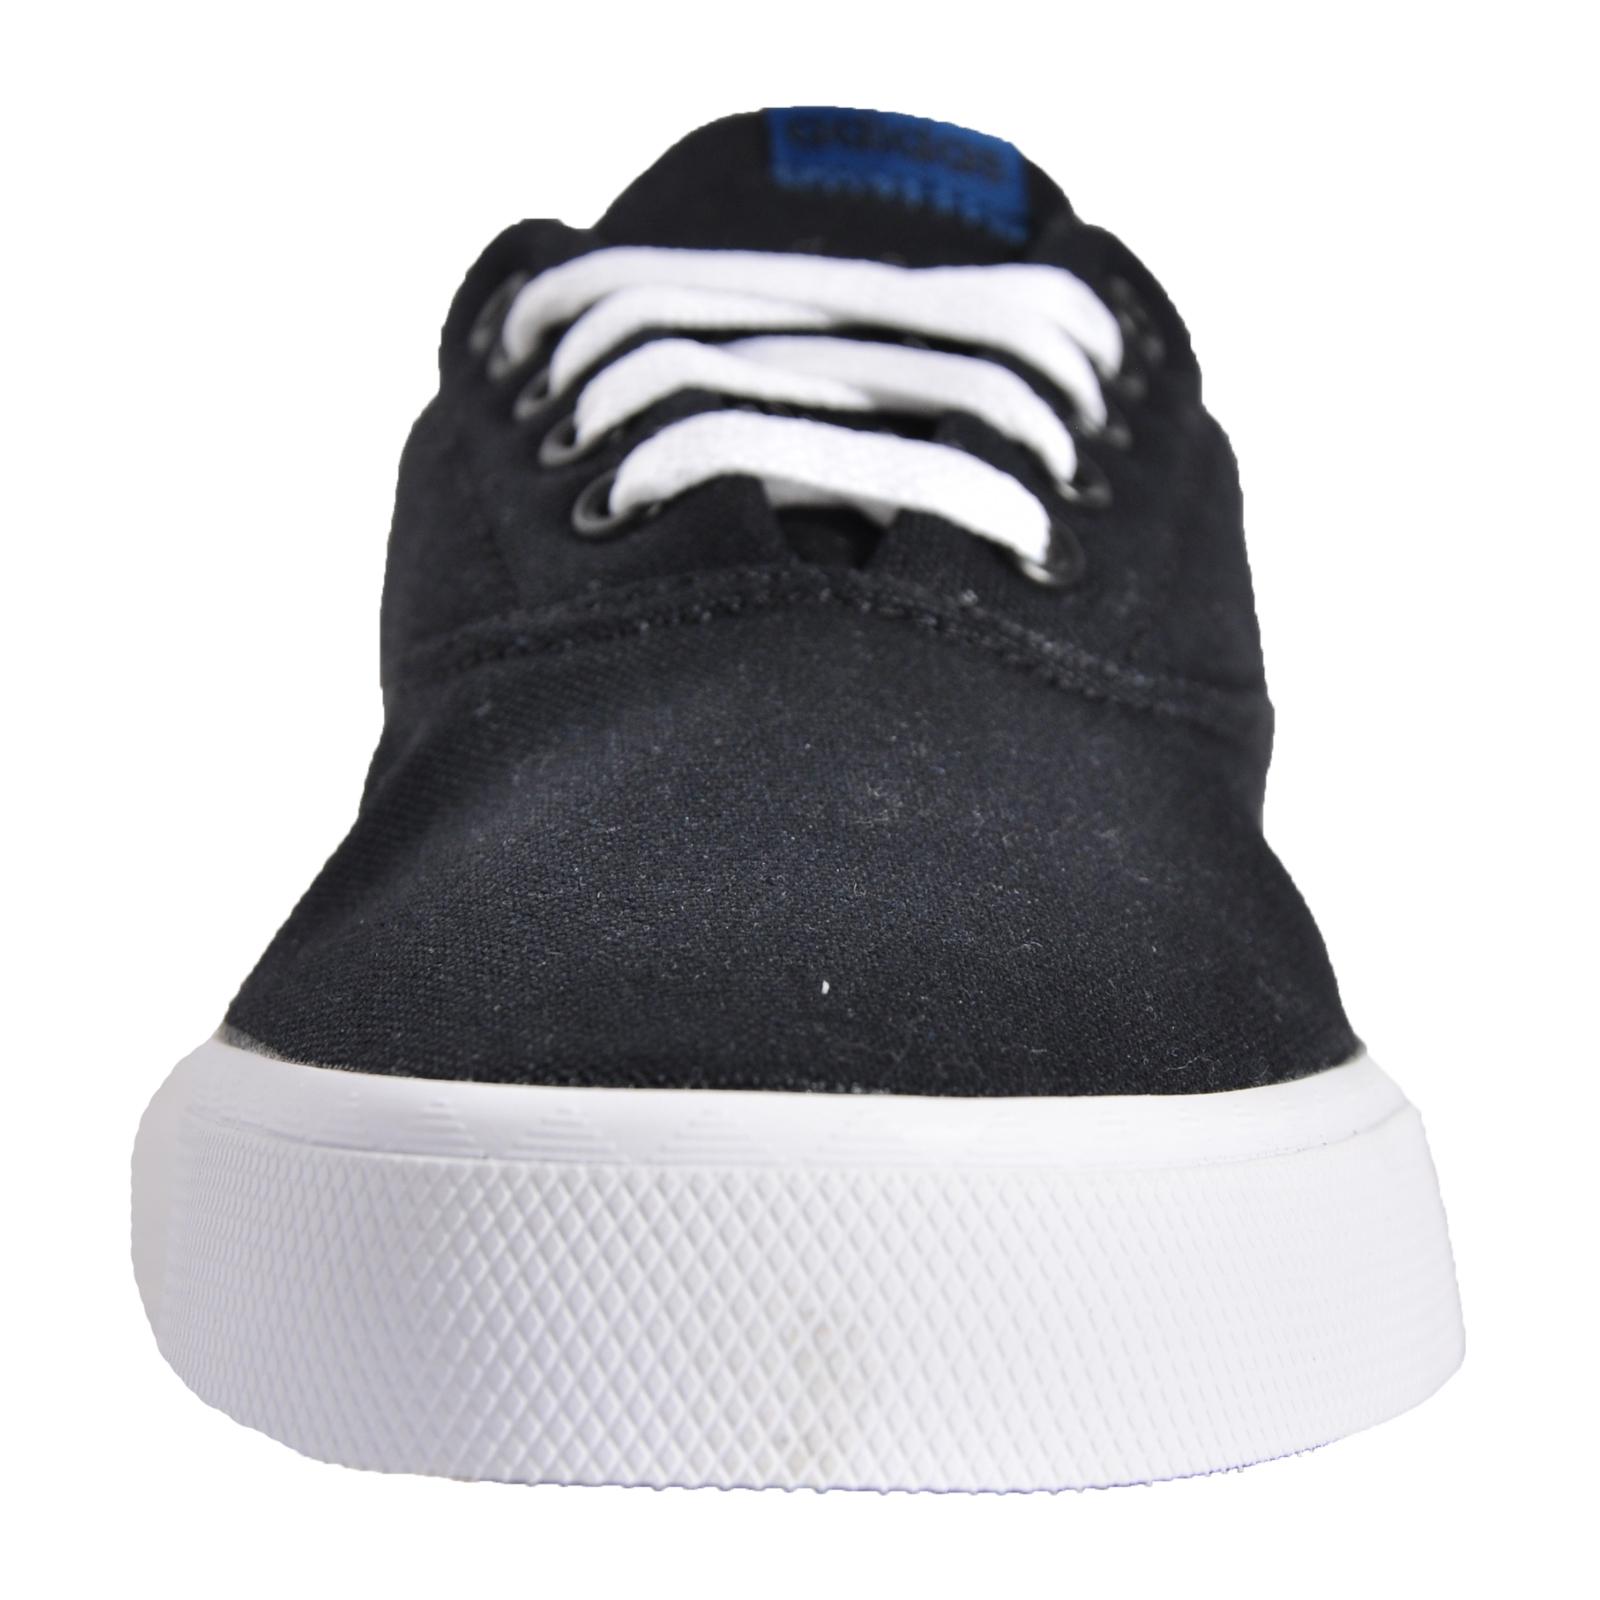 Detalles de Adidas Neo Park ST clásica para hombre Casual Retro plimsol Entrenadores Negro ver título original